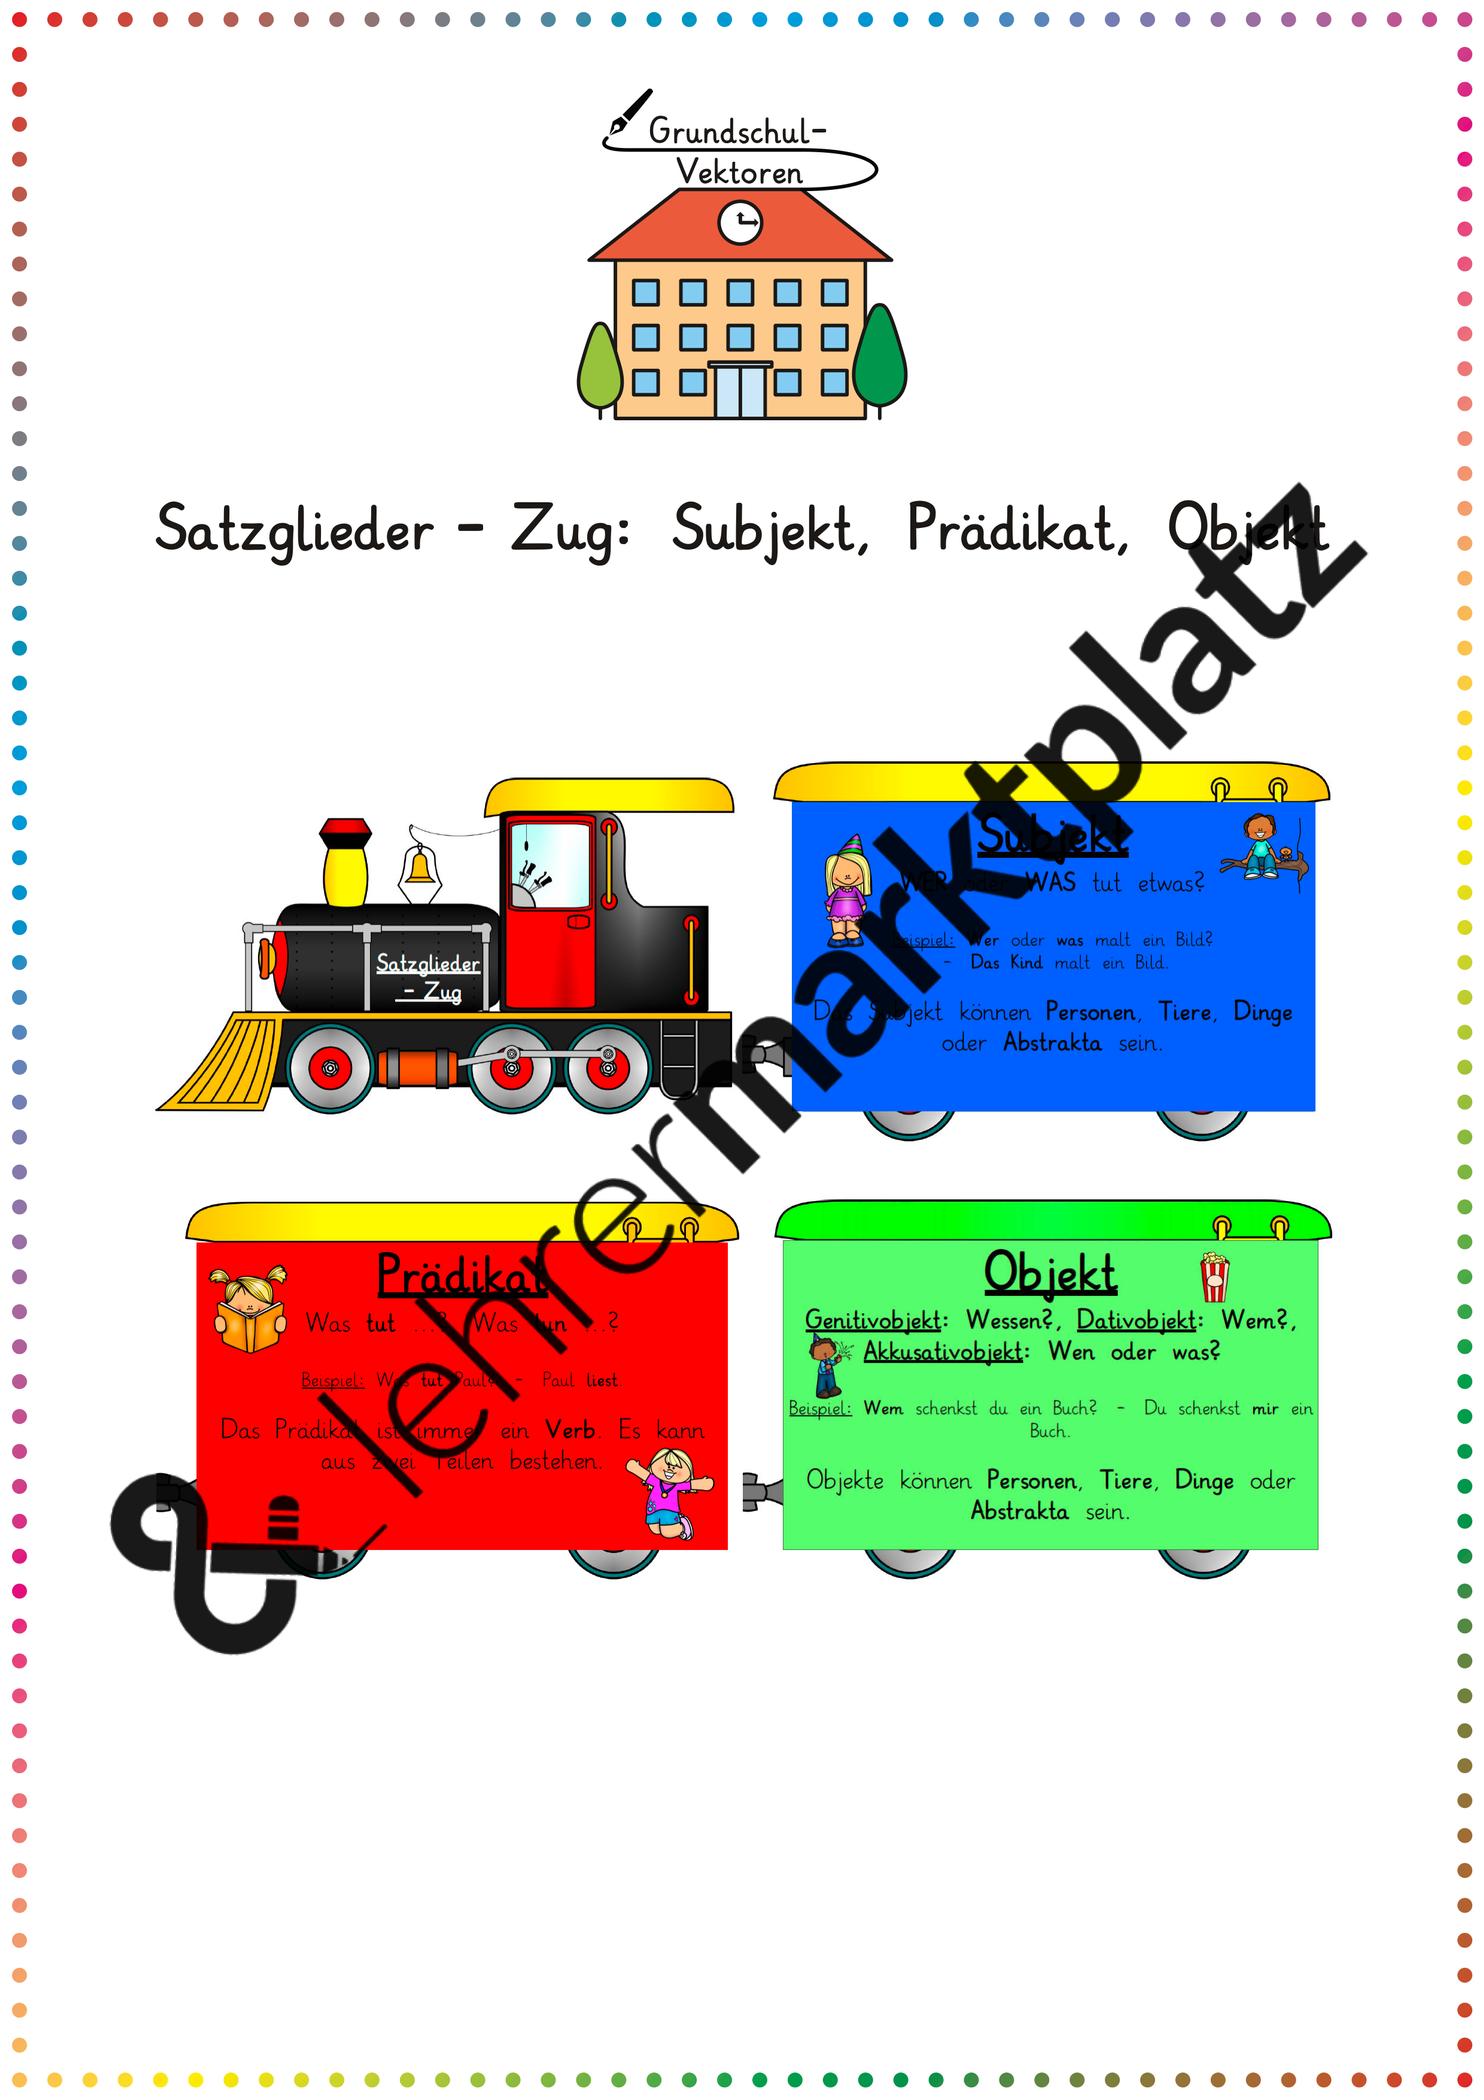 Satzglieder Zug Subjekt Pradikat Objekt Unterrichtsmaterial Im Fach Deutsch Satzglieder Unterrichtsmaterial Subjekt Pradikat Objekt